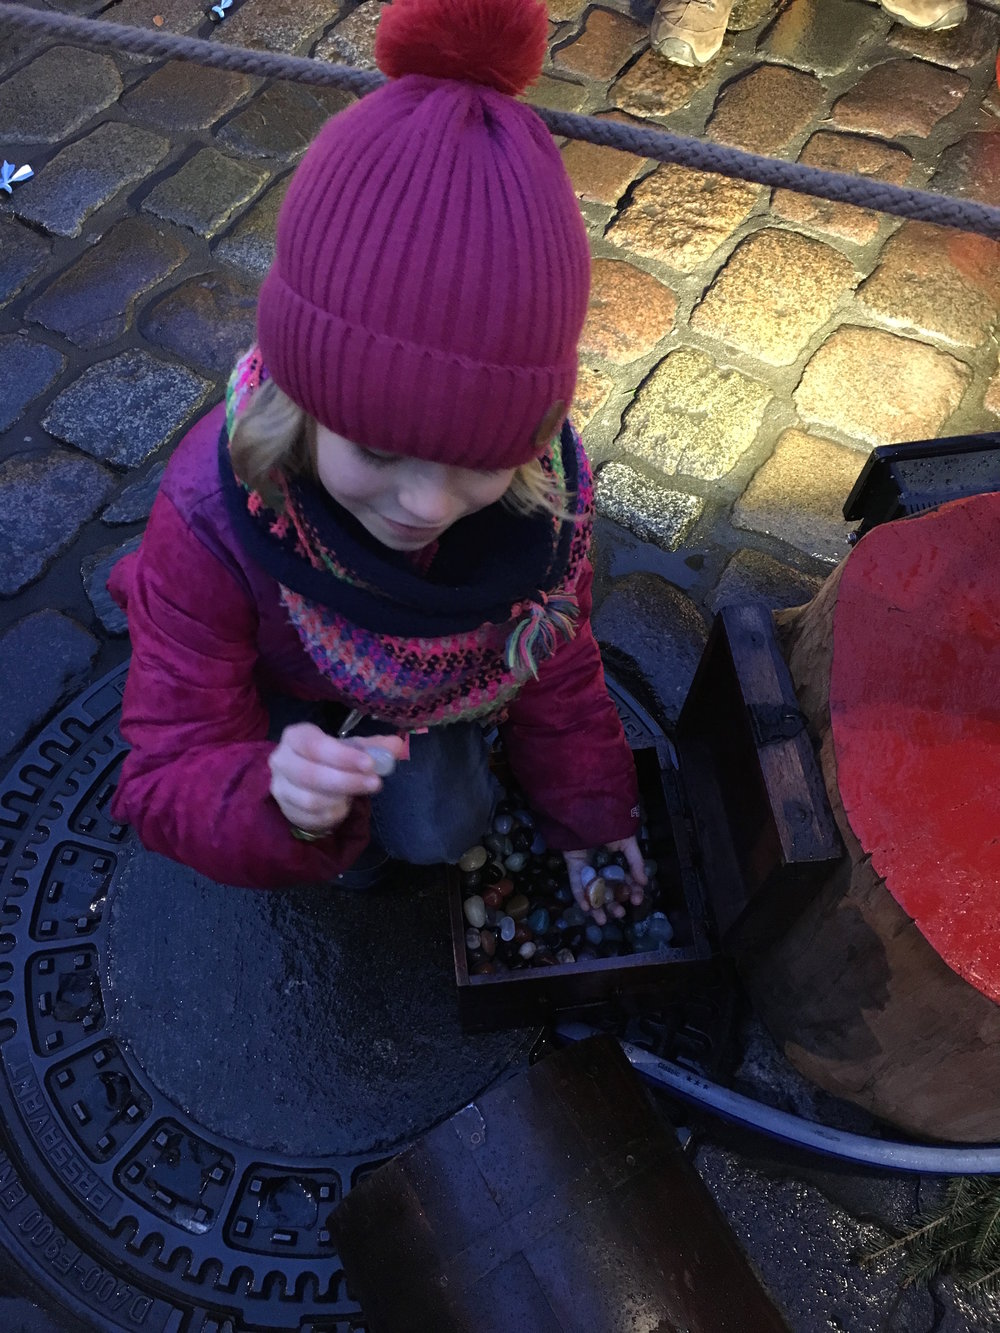 hoiberlin-weihnachtsmarkt-03.jpg